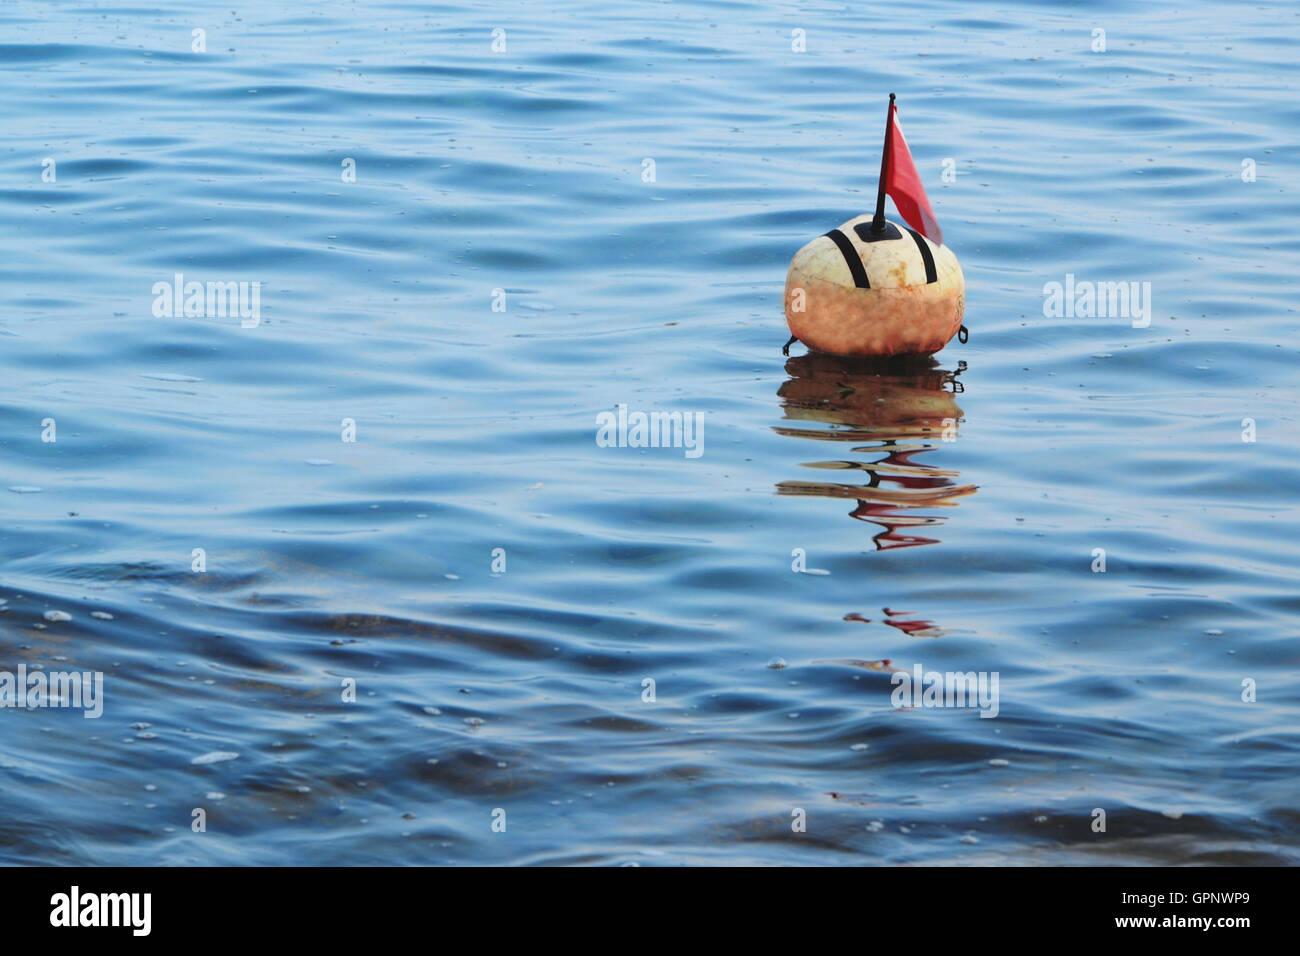 La bouée de surface dans l'eau, de l'espace pour le texte Photo Stock